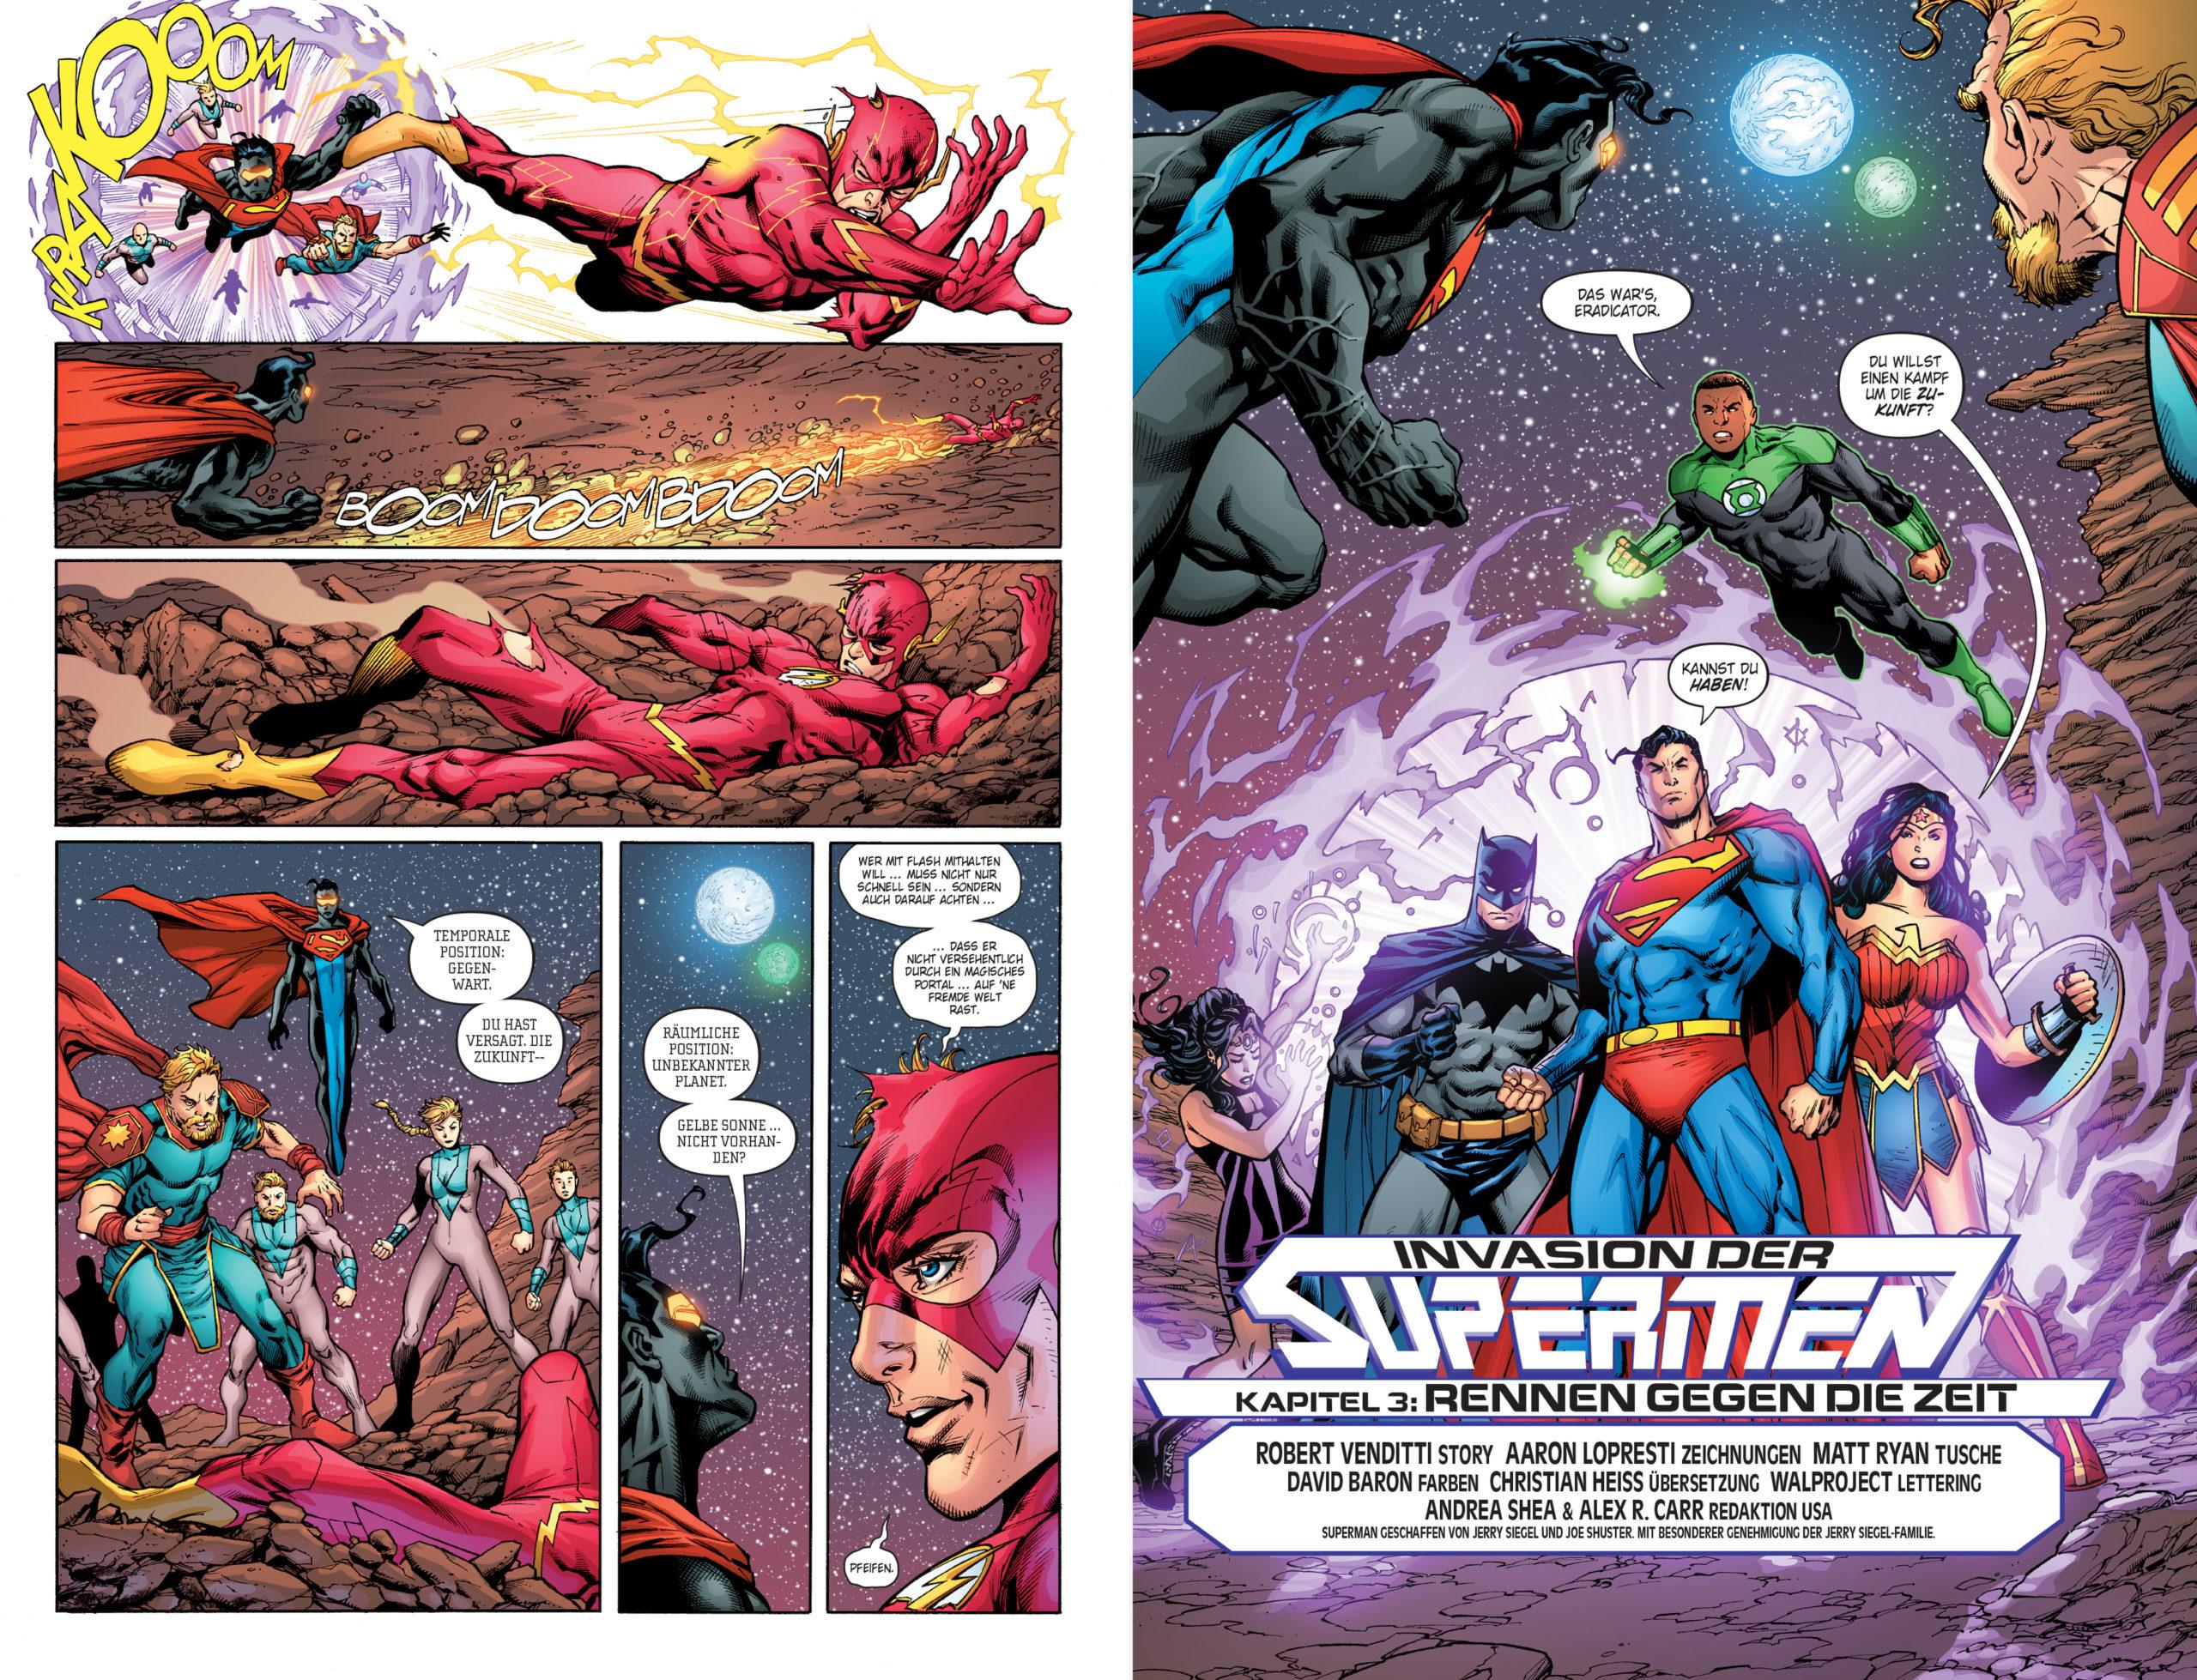 Justice_League_Innenseite_1